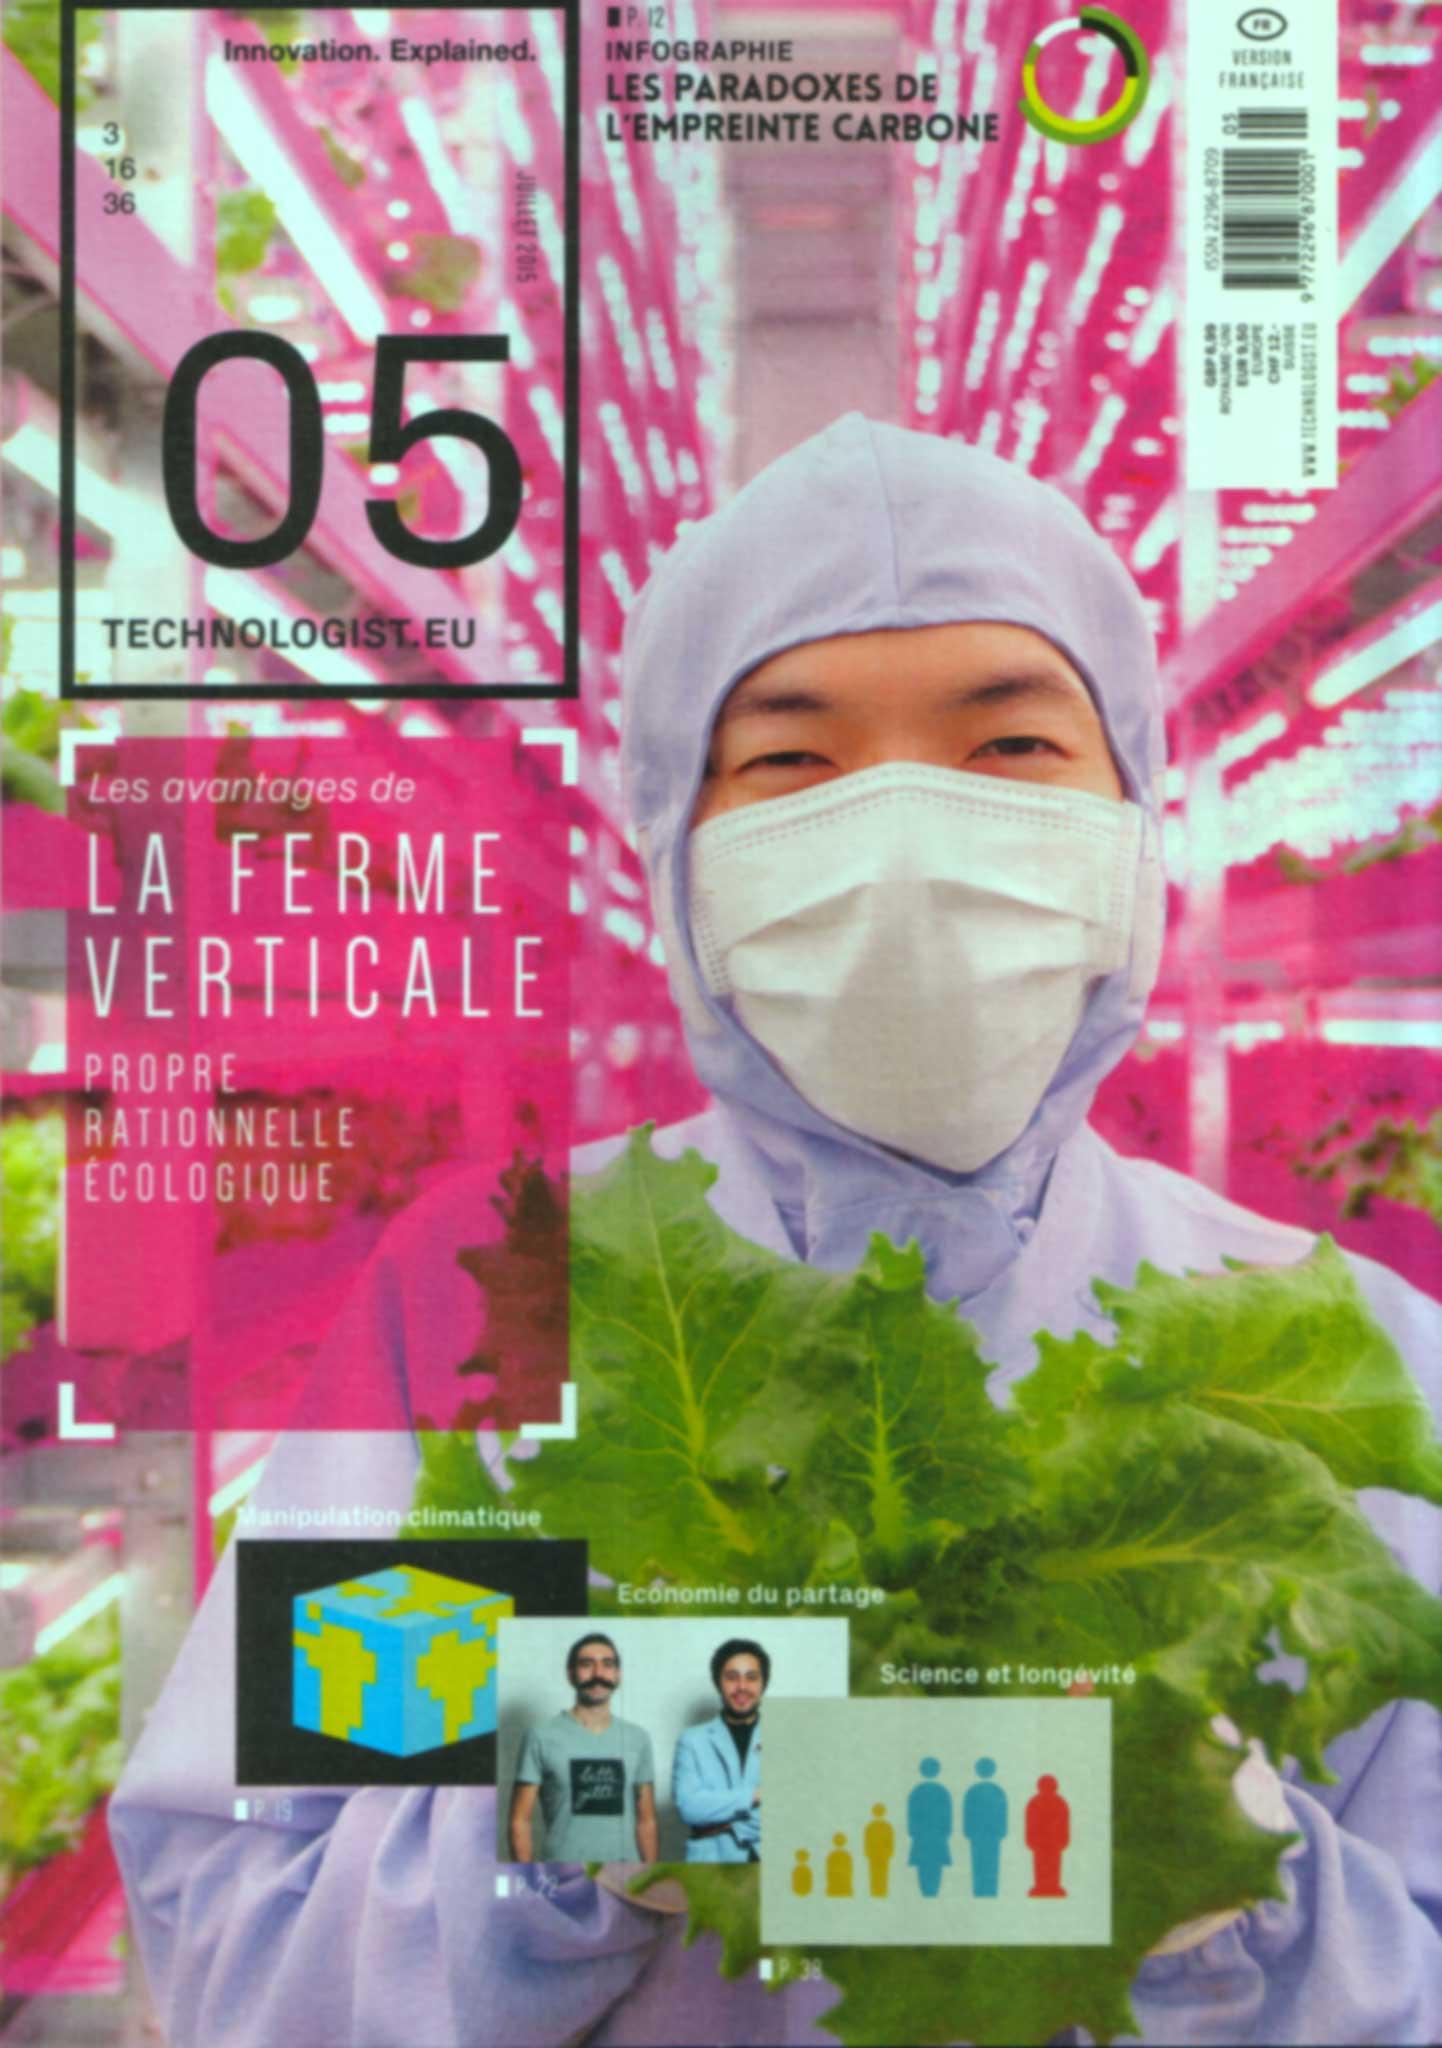 05 Technologist Les avantages de la ferme verticale – Propre Rationnelle Écologique